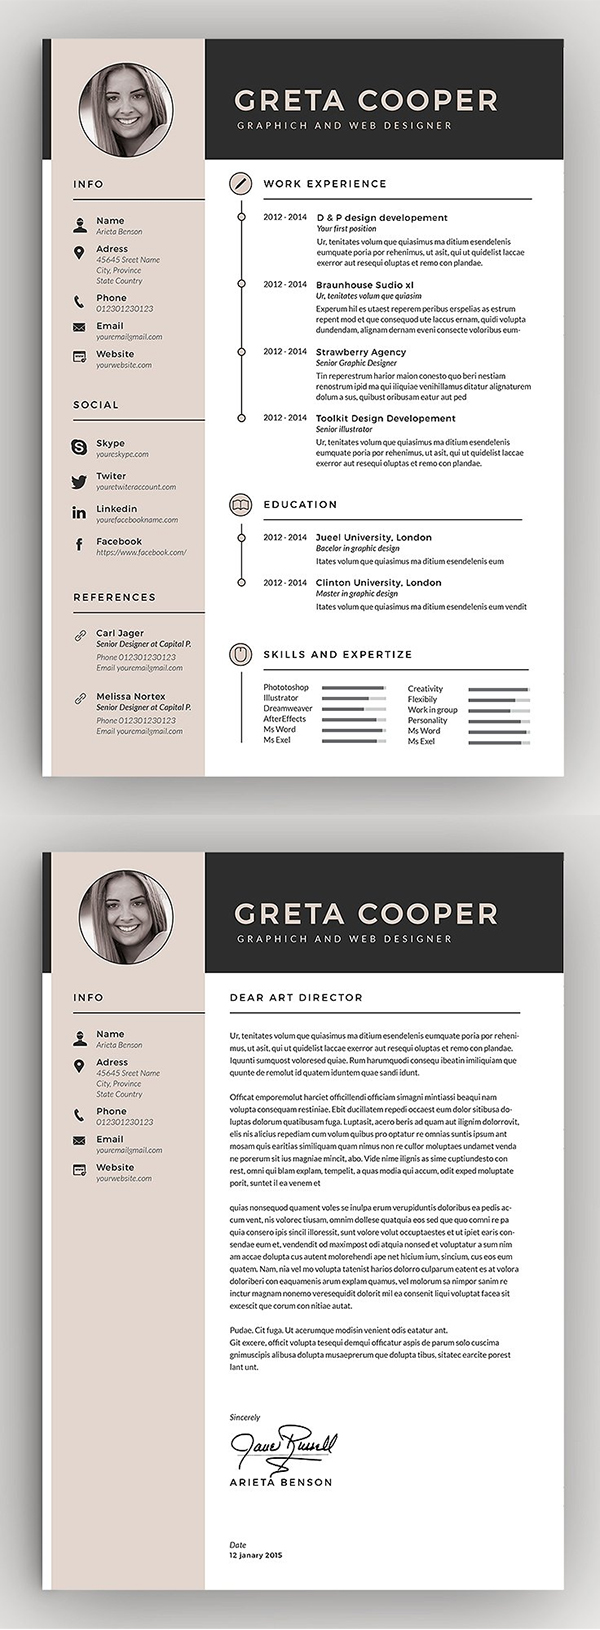 Awesome Resume / CV